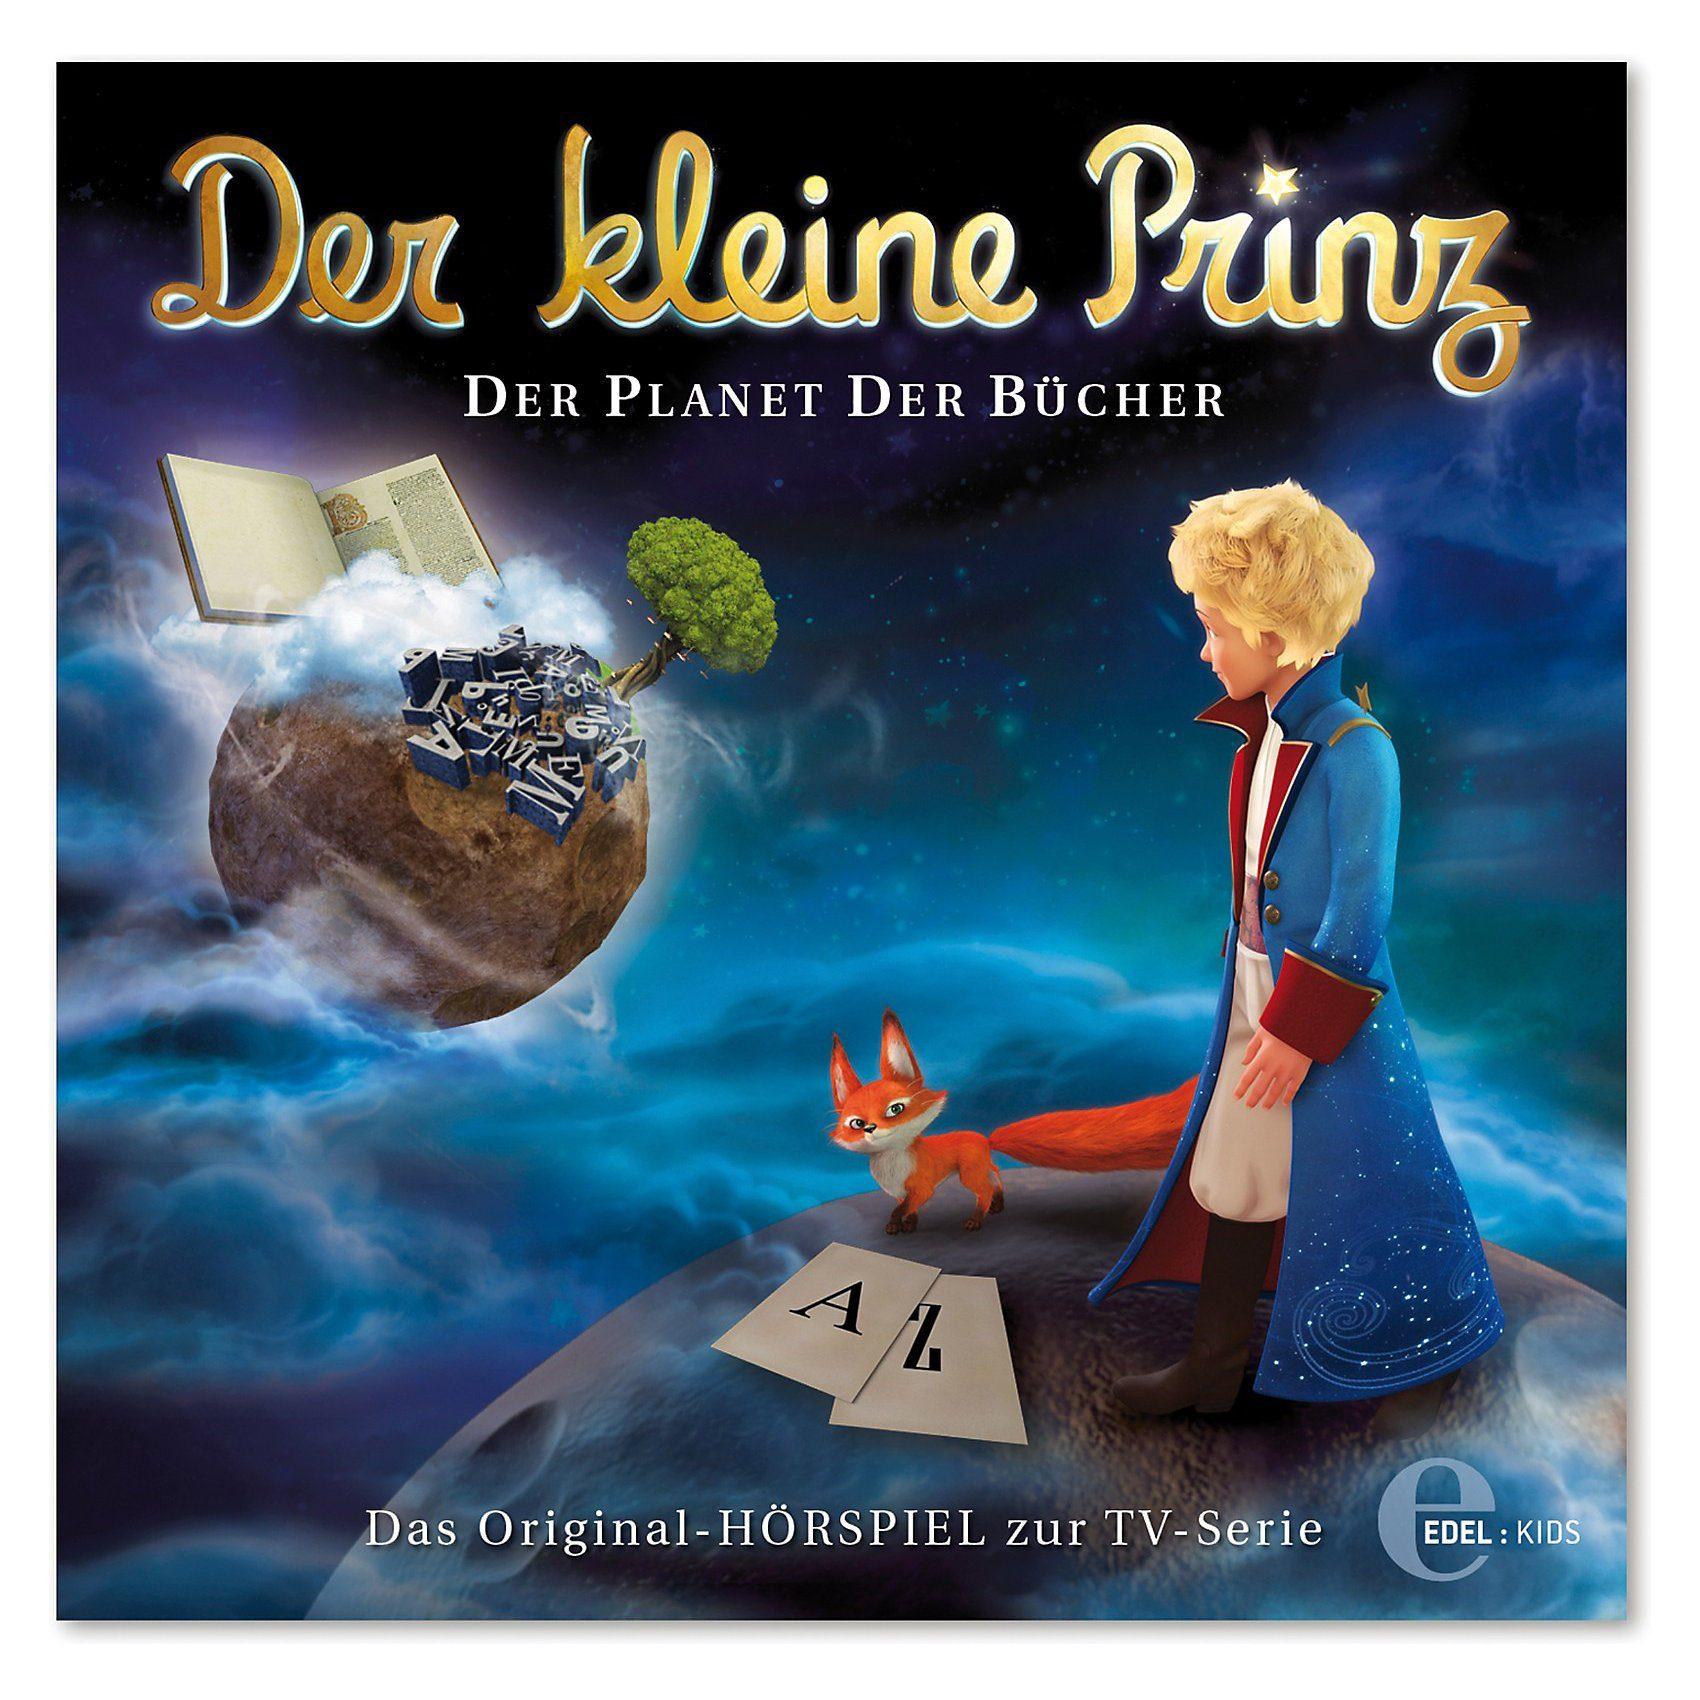 Edel CD Der kleine Prinz 11 - Der Planet der Bücher